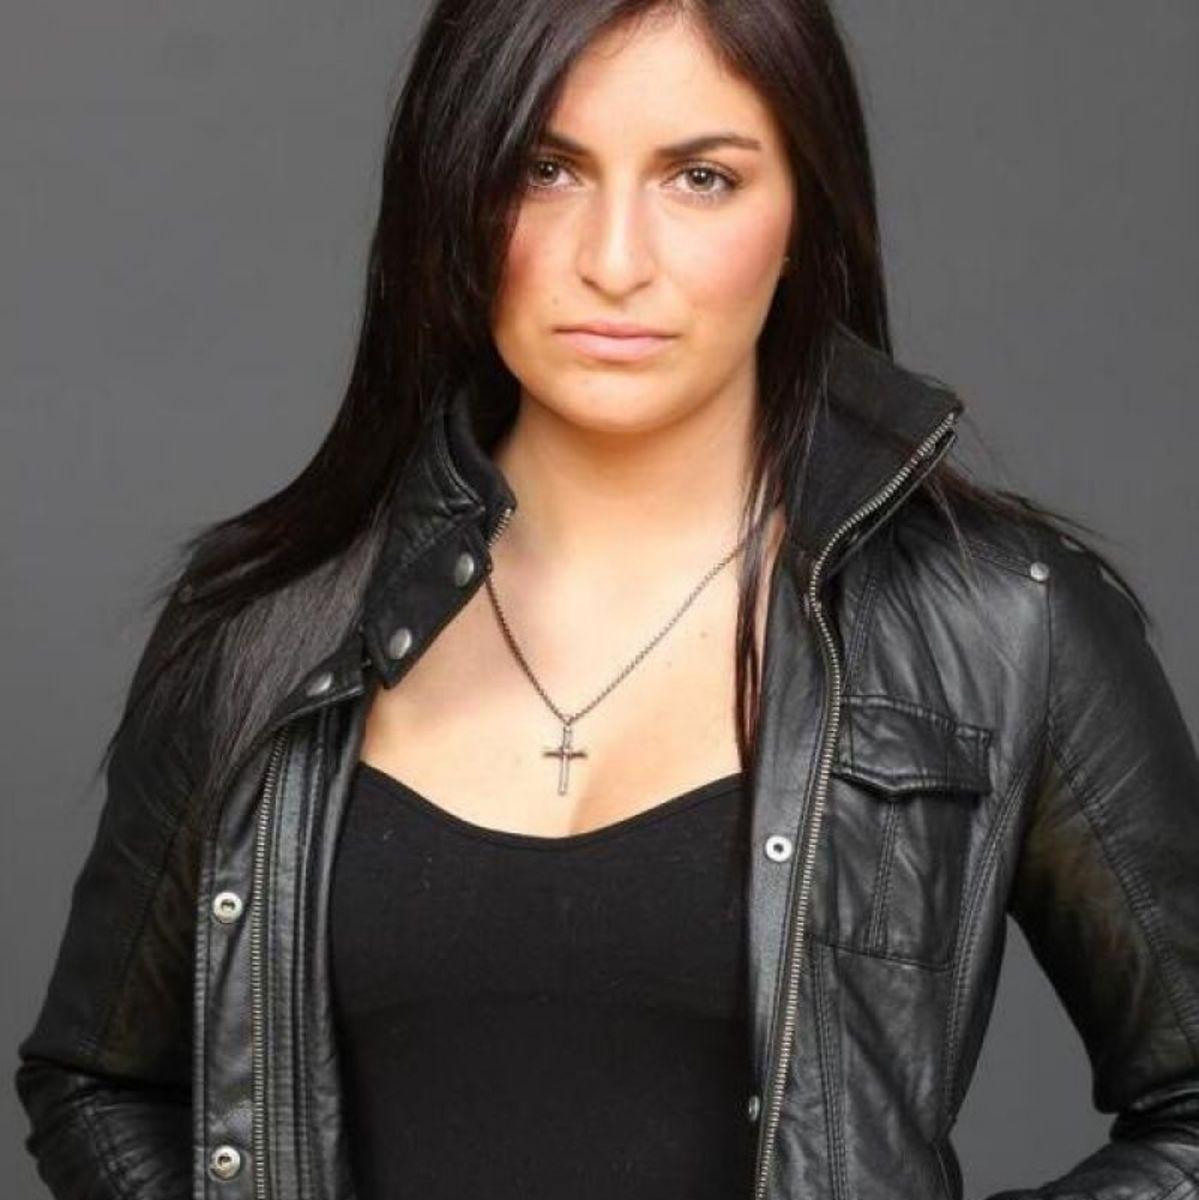 WWE NXT Diva Daria Berenato